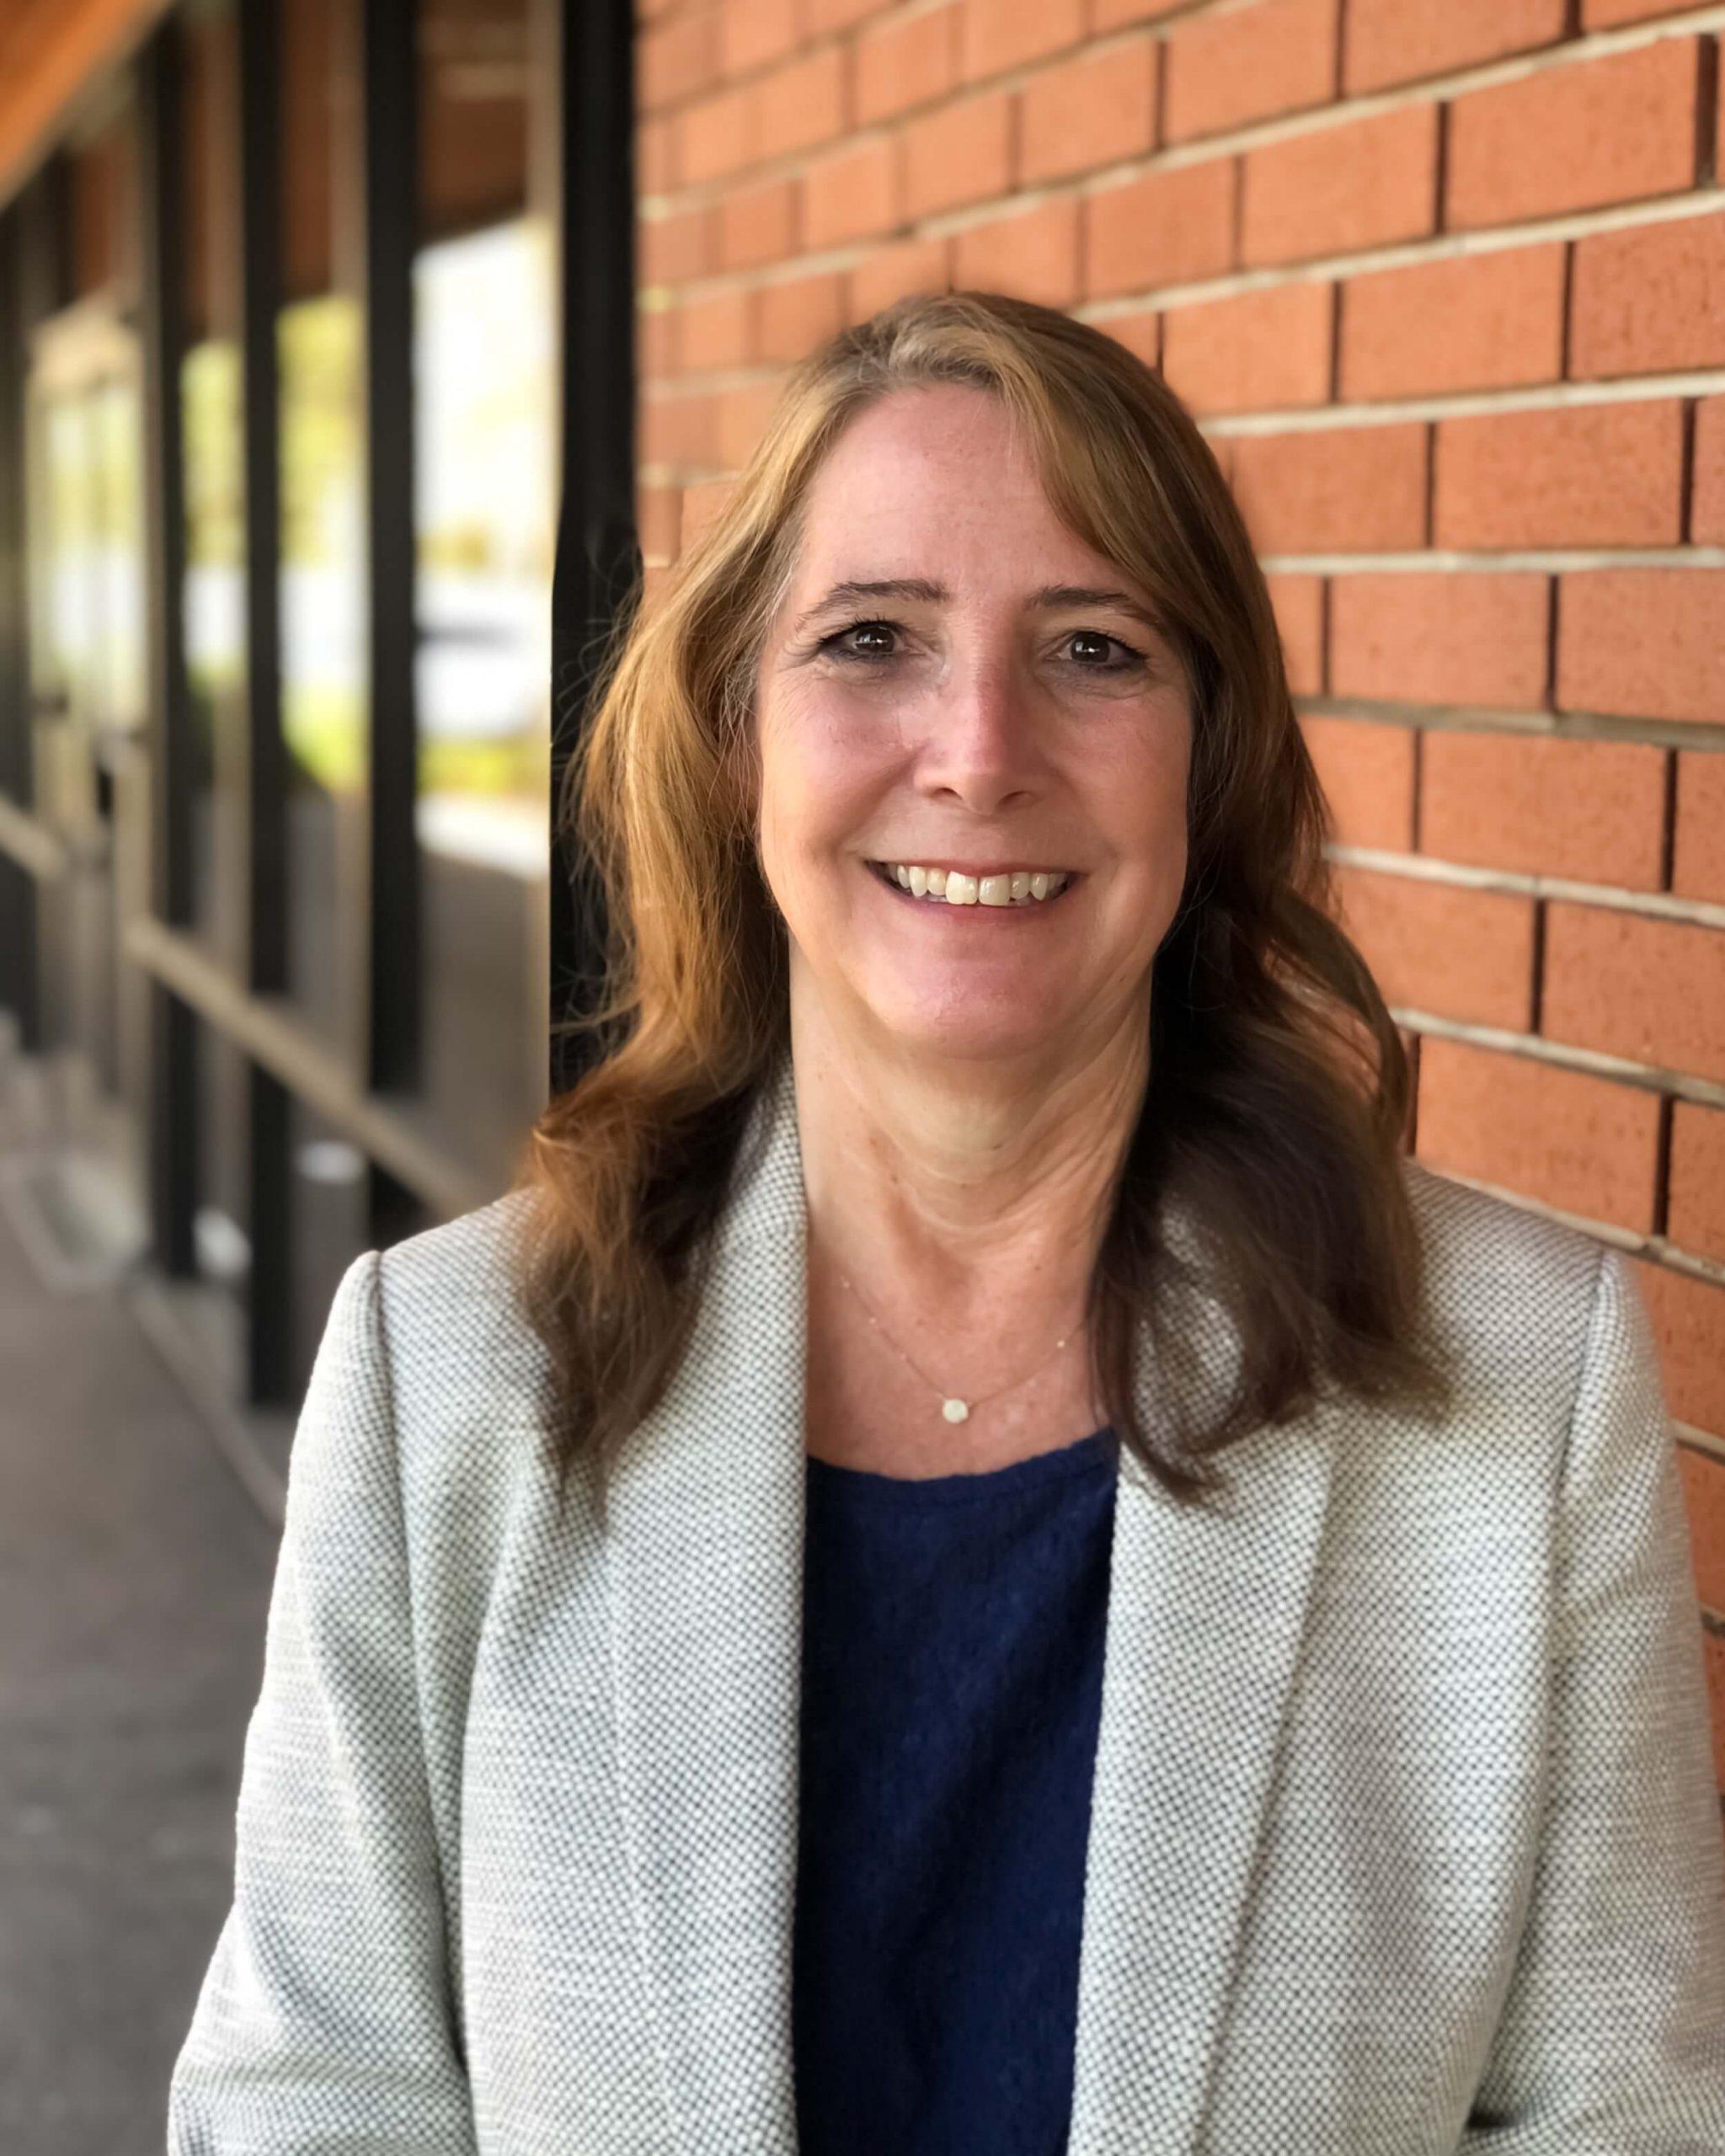 Paula Finley